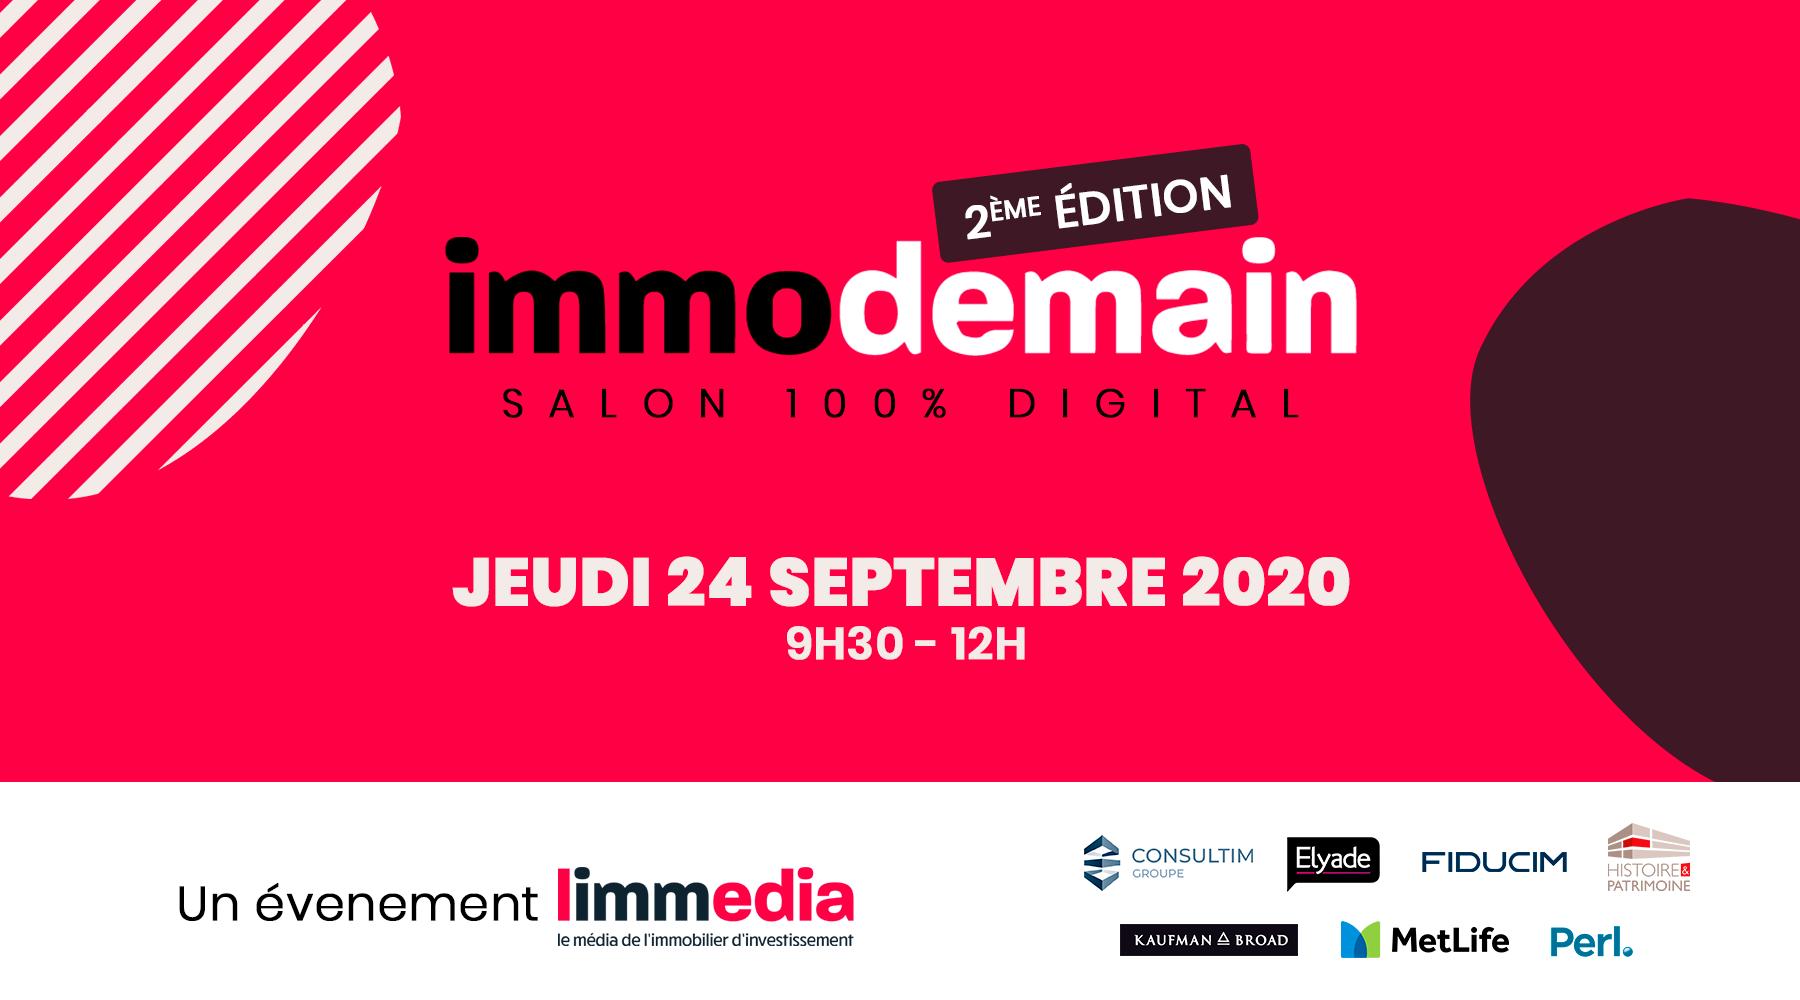 Salon Immo Demain 100% digital : S'inscrire à la 2ème édition, le jeudi 24 septembre 9h30-12h30